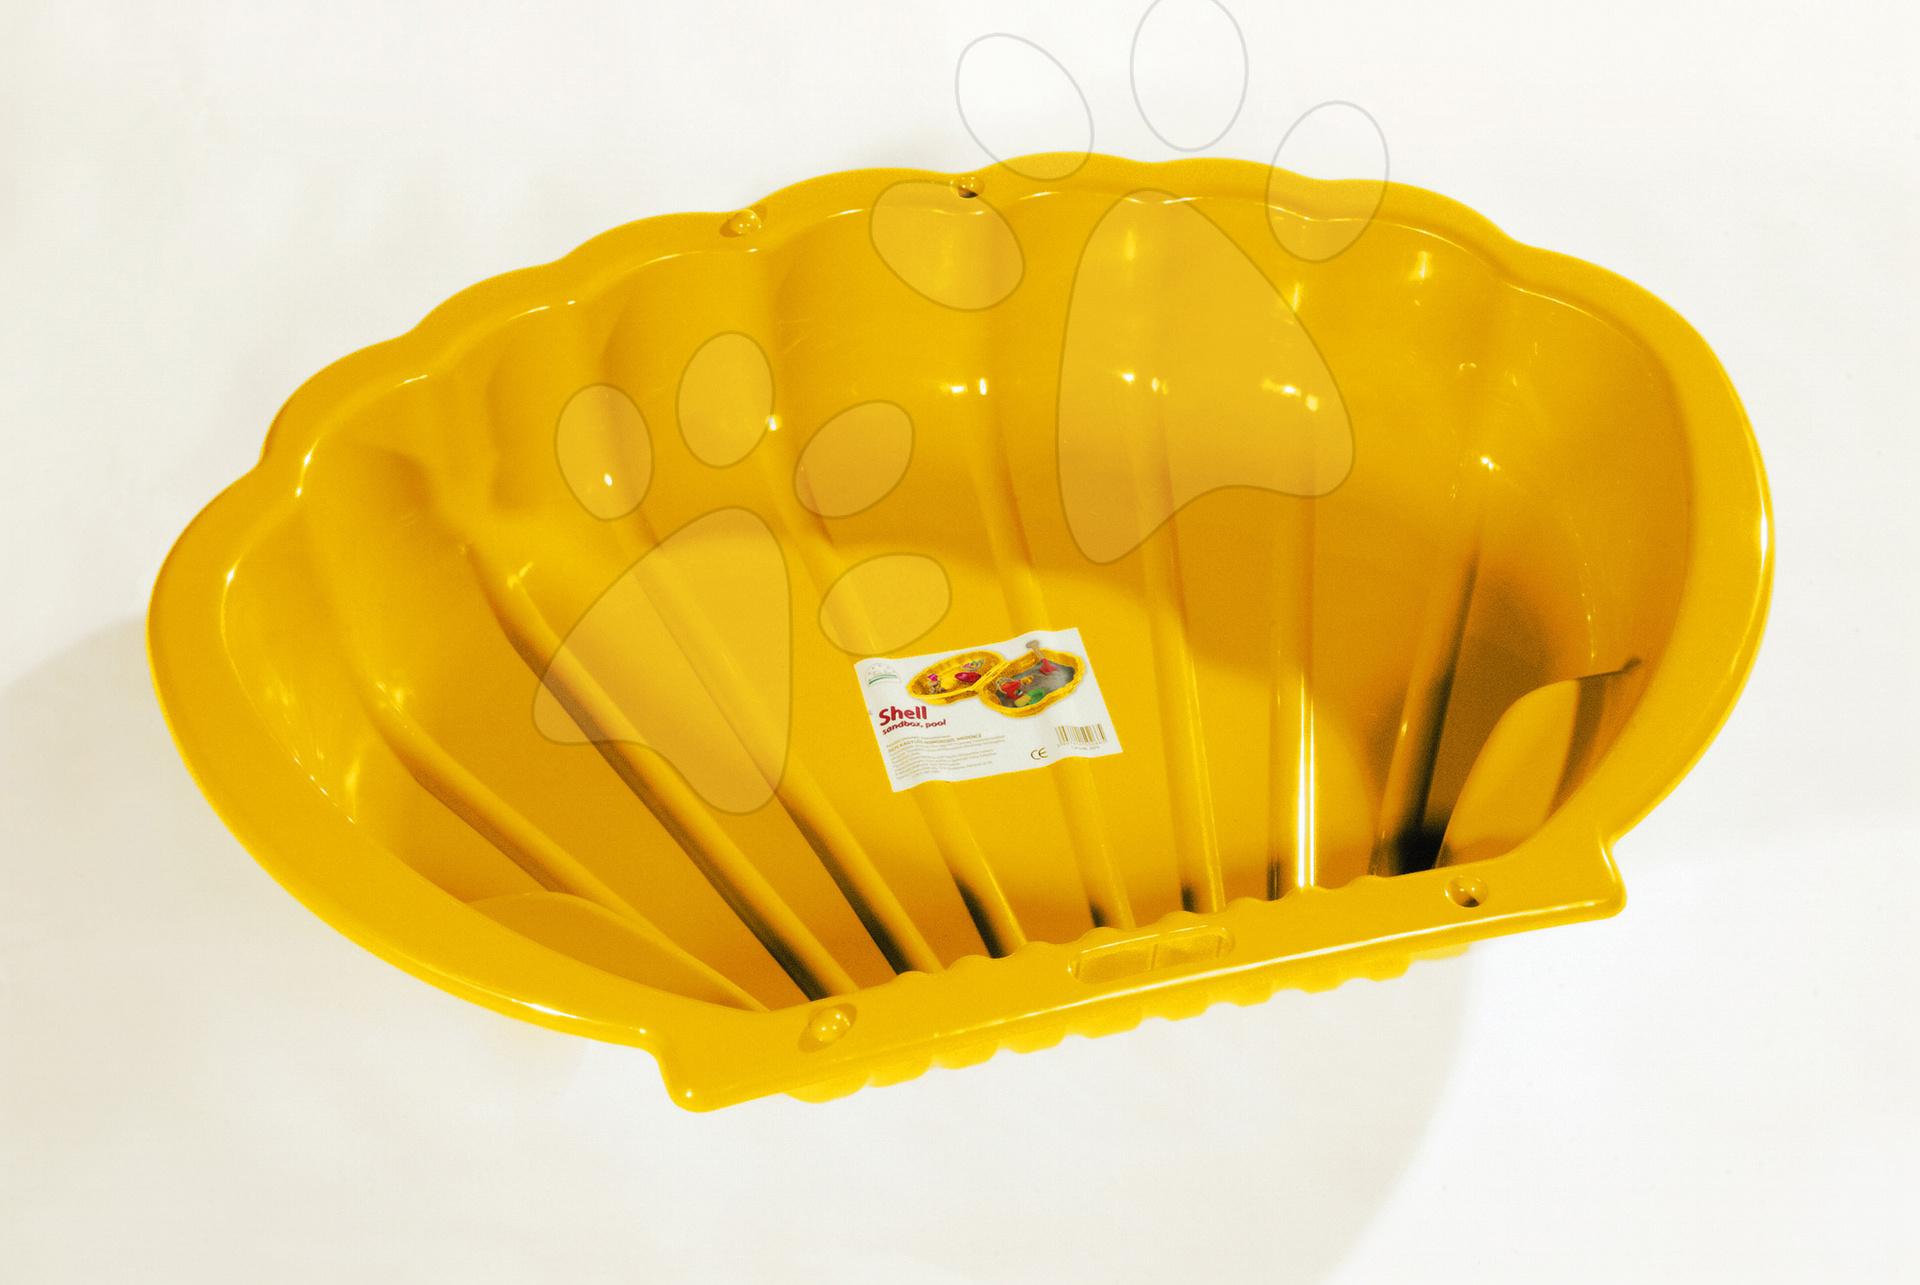 Pieskoviská pre deti - Pieskovisko Mušľa Dohány objem 112 litrov 109*78 cm žlté od 24 mes